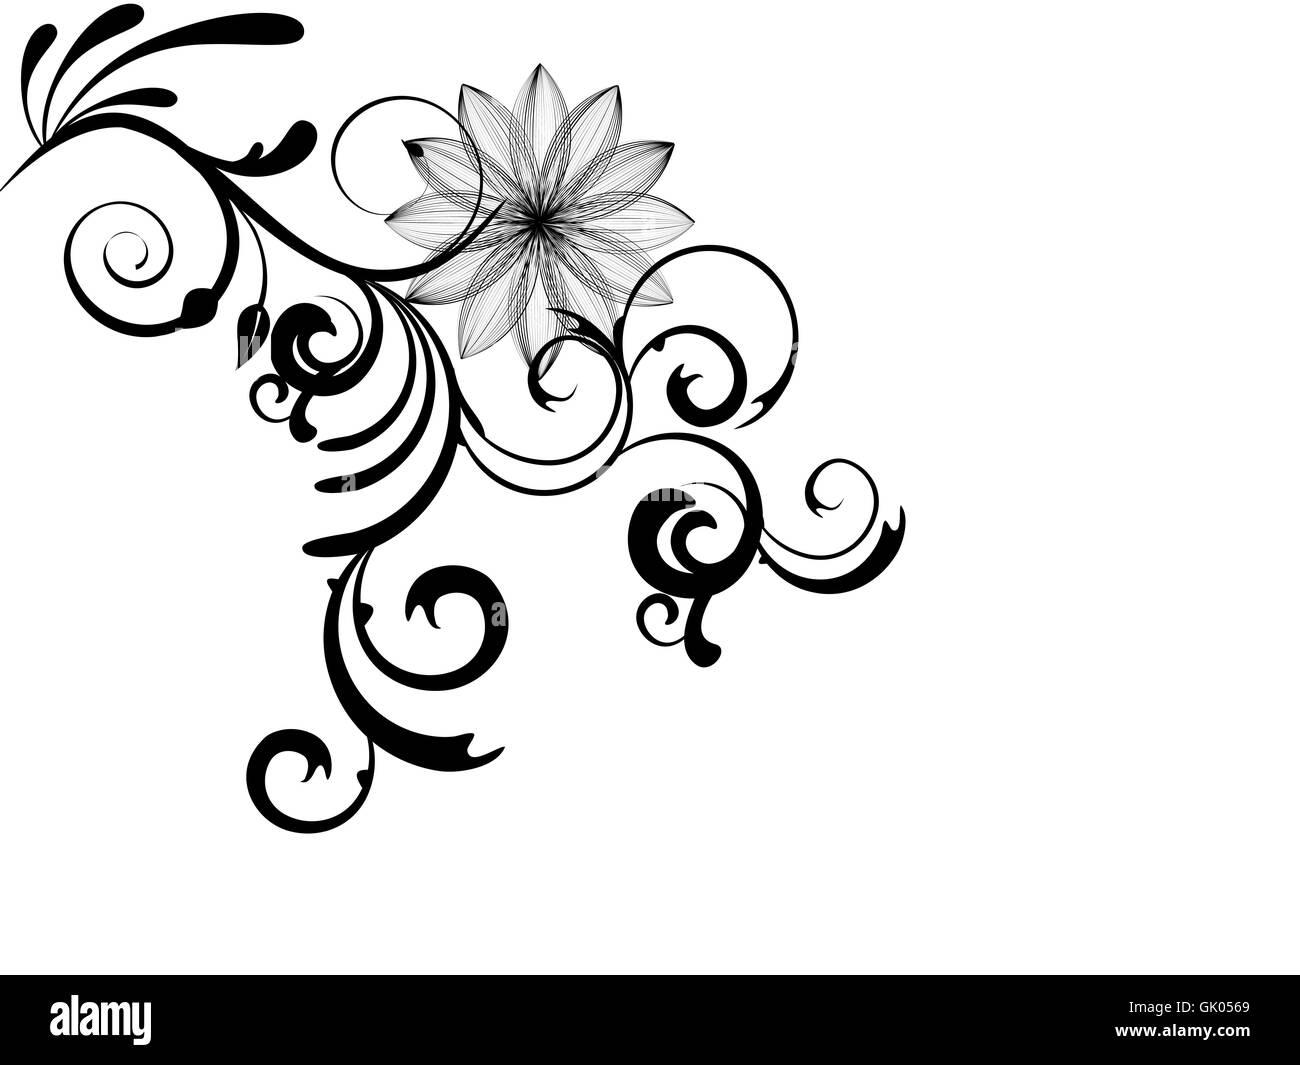 flower plant summer - Stock Image